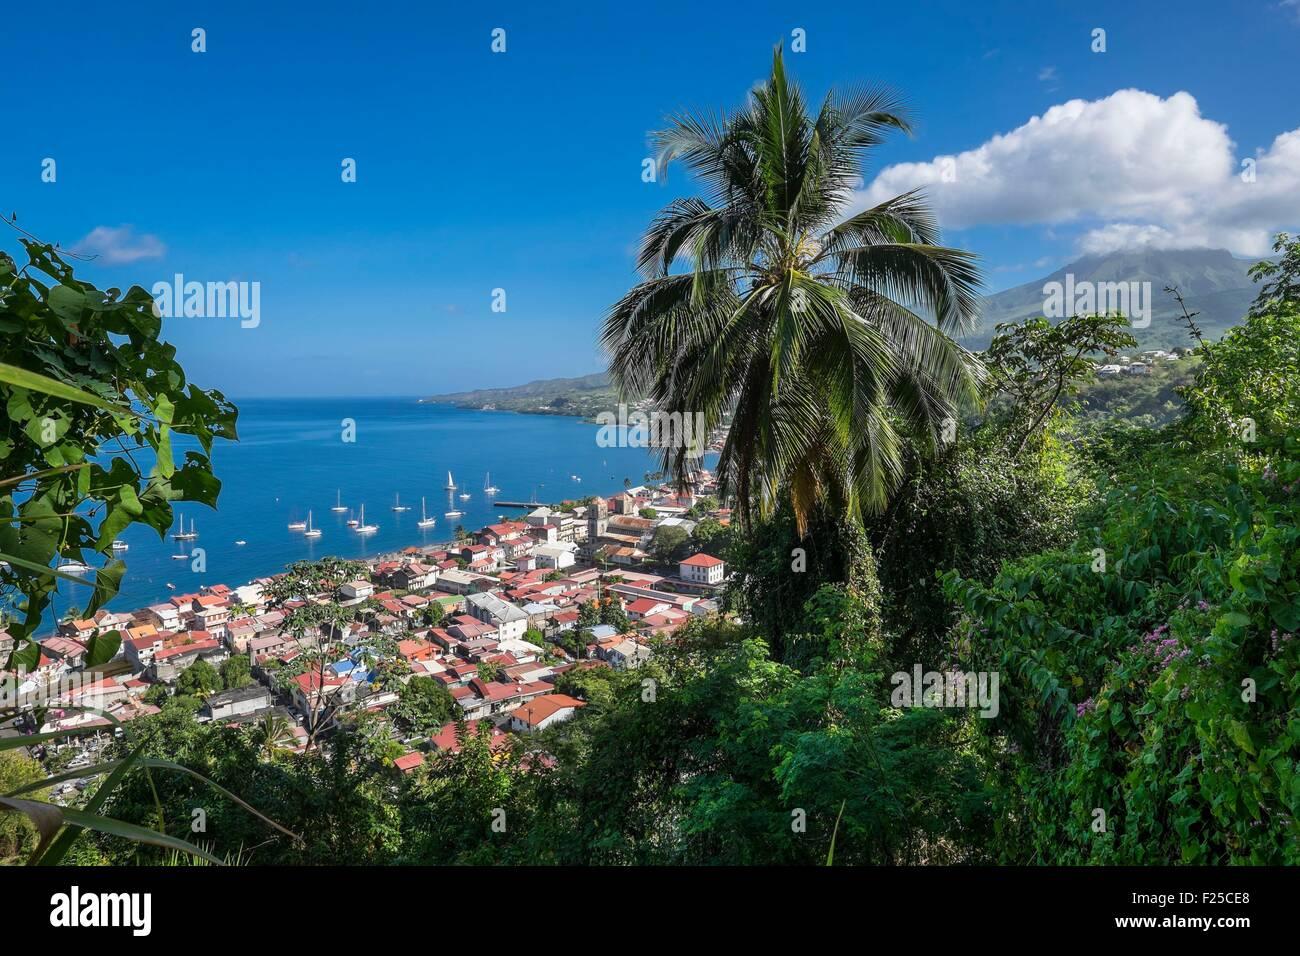 France, Martinique, Saint Pierre - Stock Image